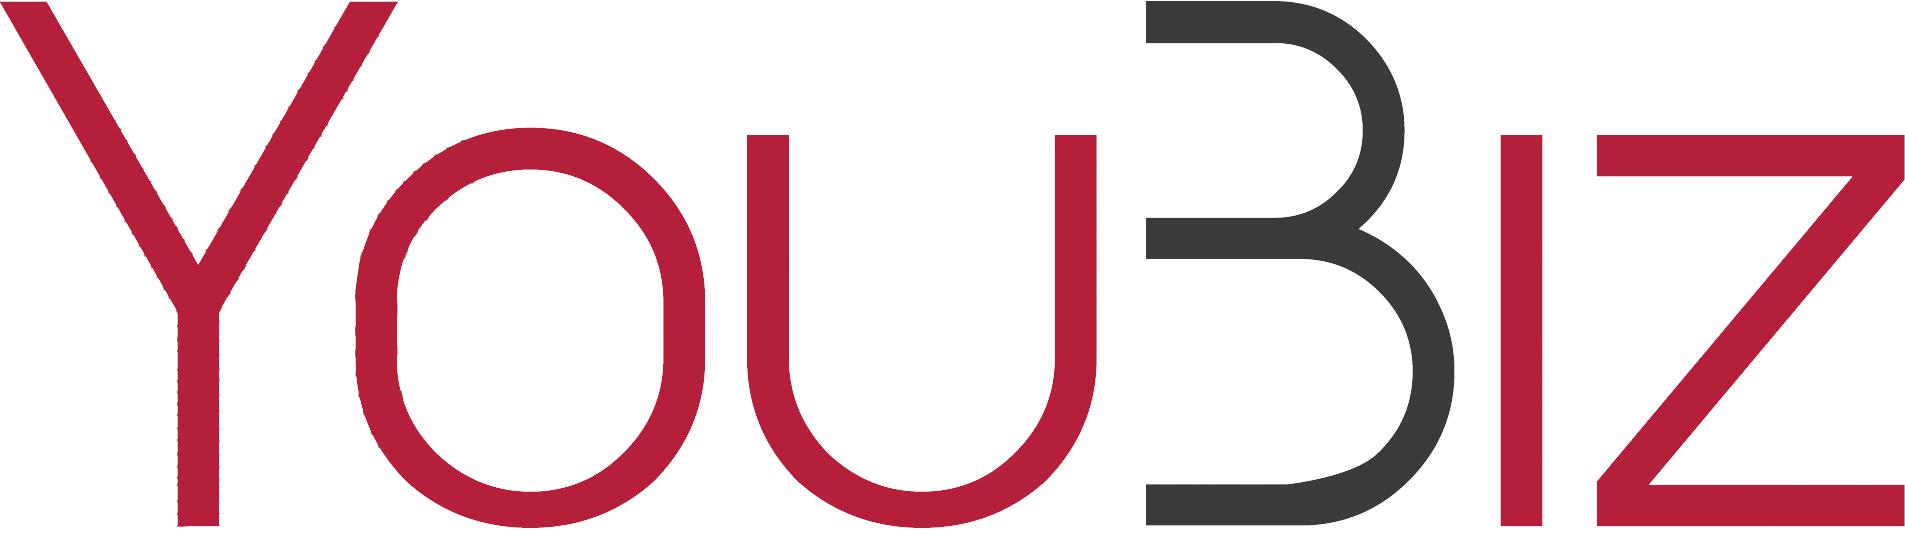 YouBIZ | Líder Marketing de Rede